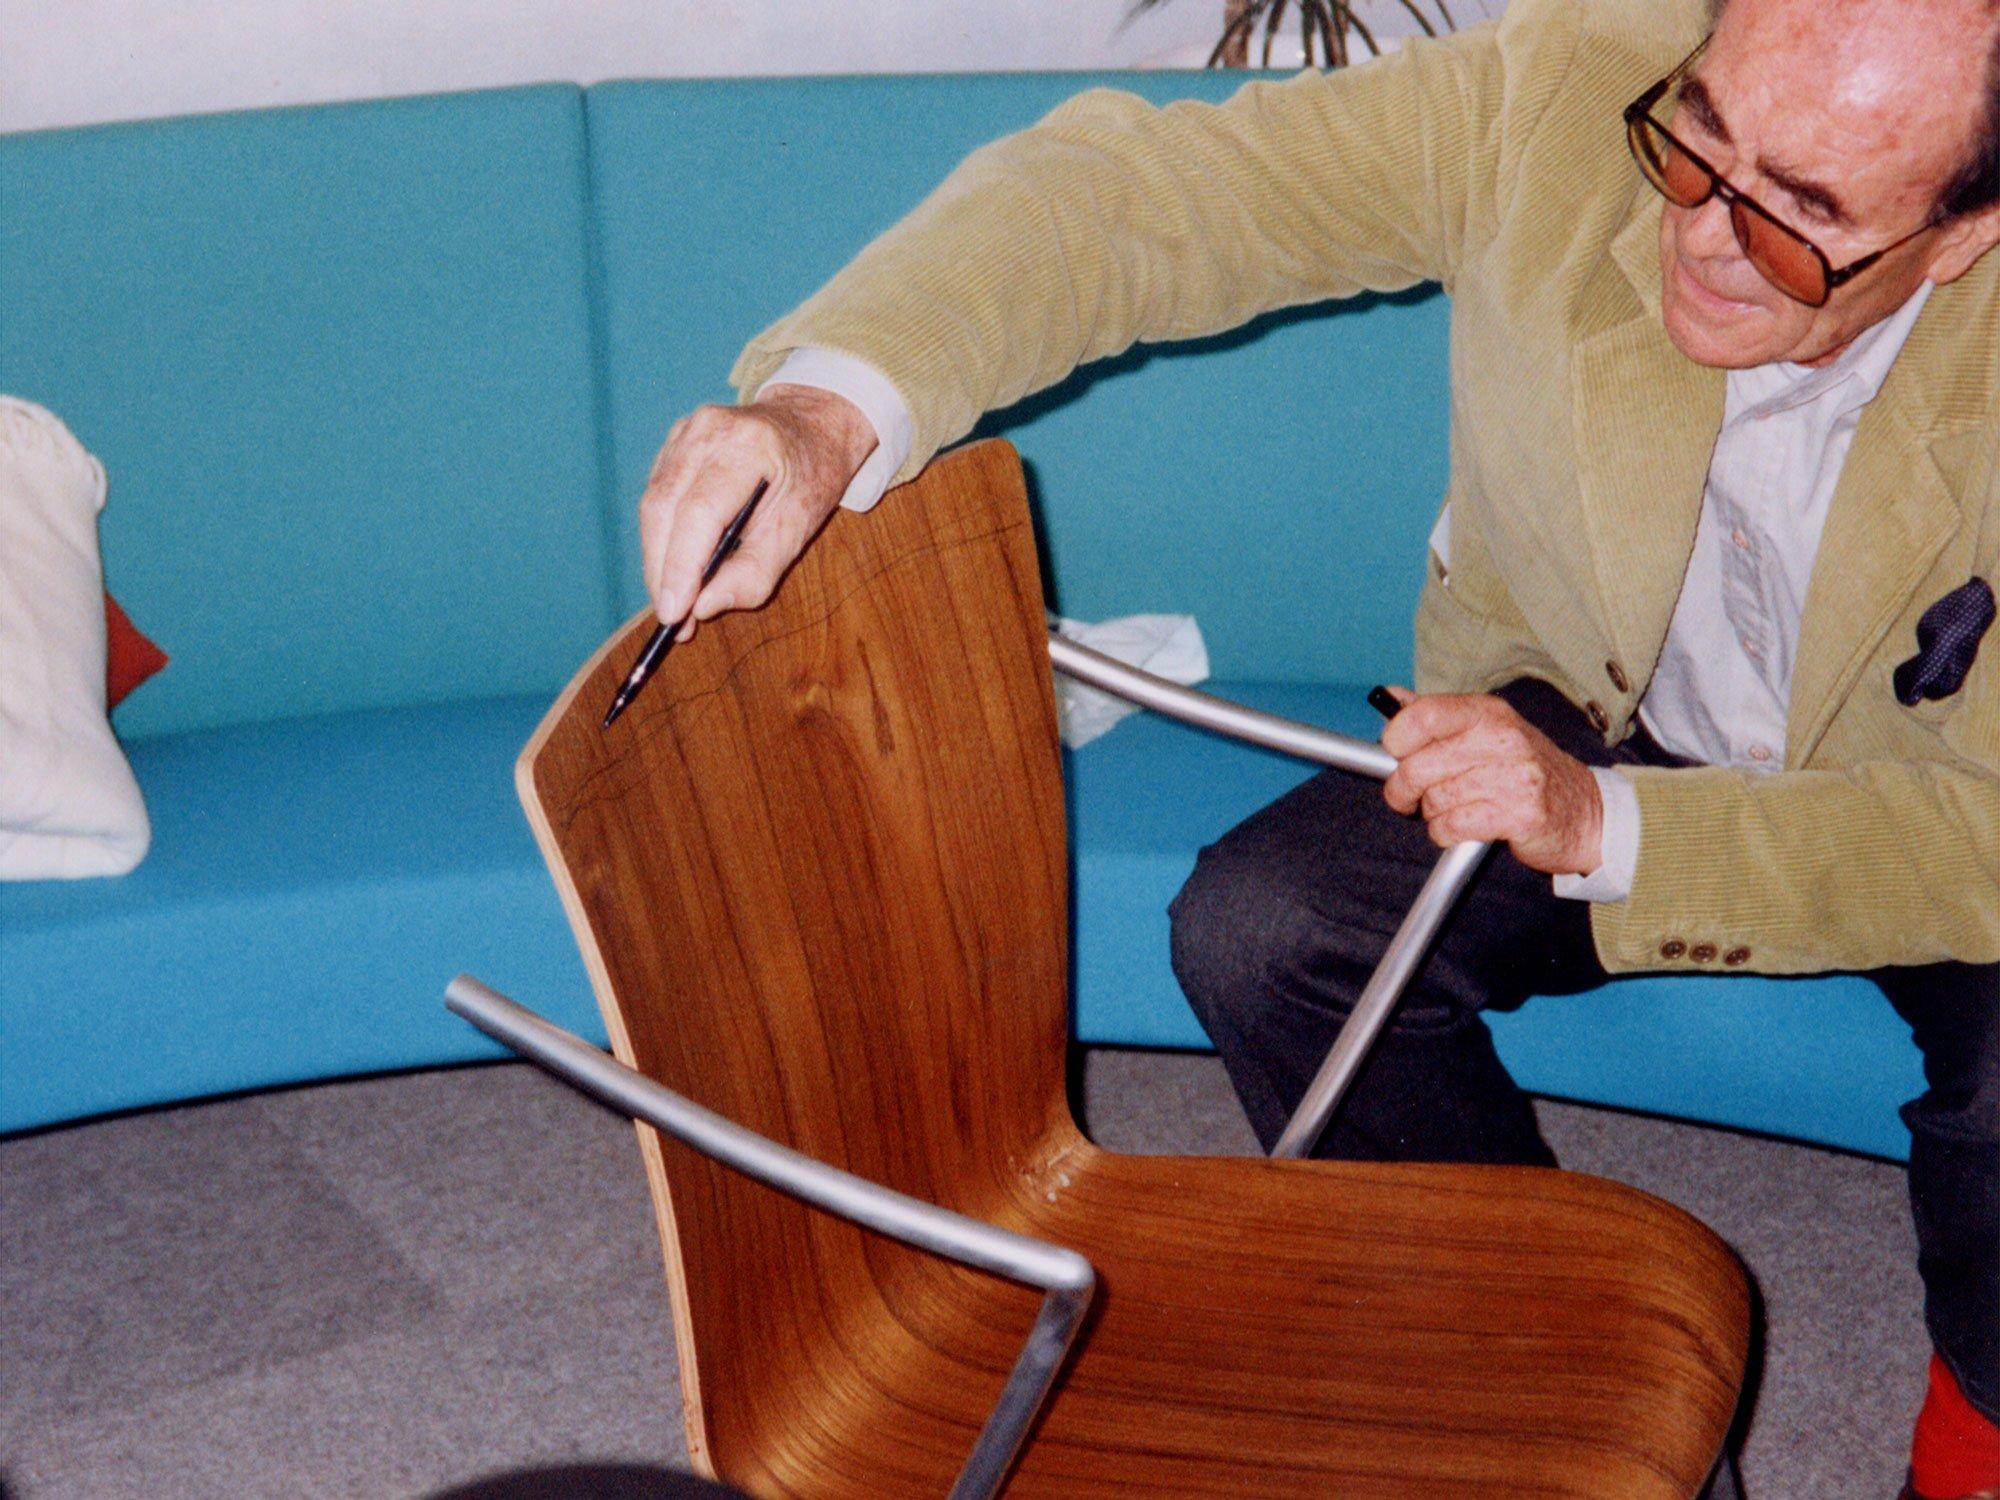 Vico Magistretti bei der Arbeit für Fritz Hansen. Foto/ Copyright: Fritz Hansen